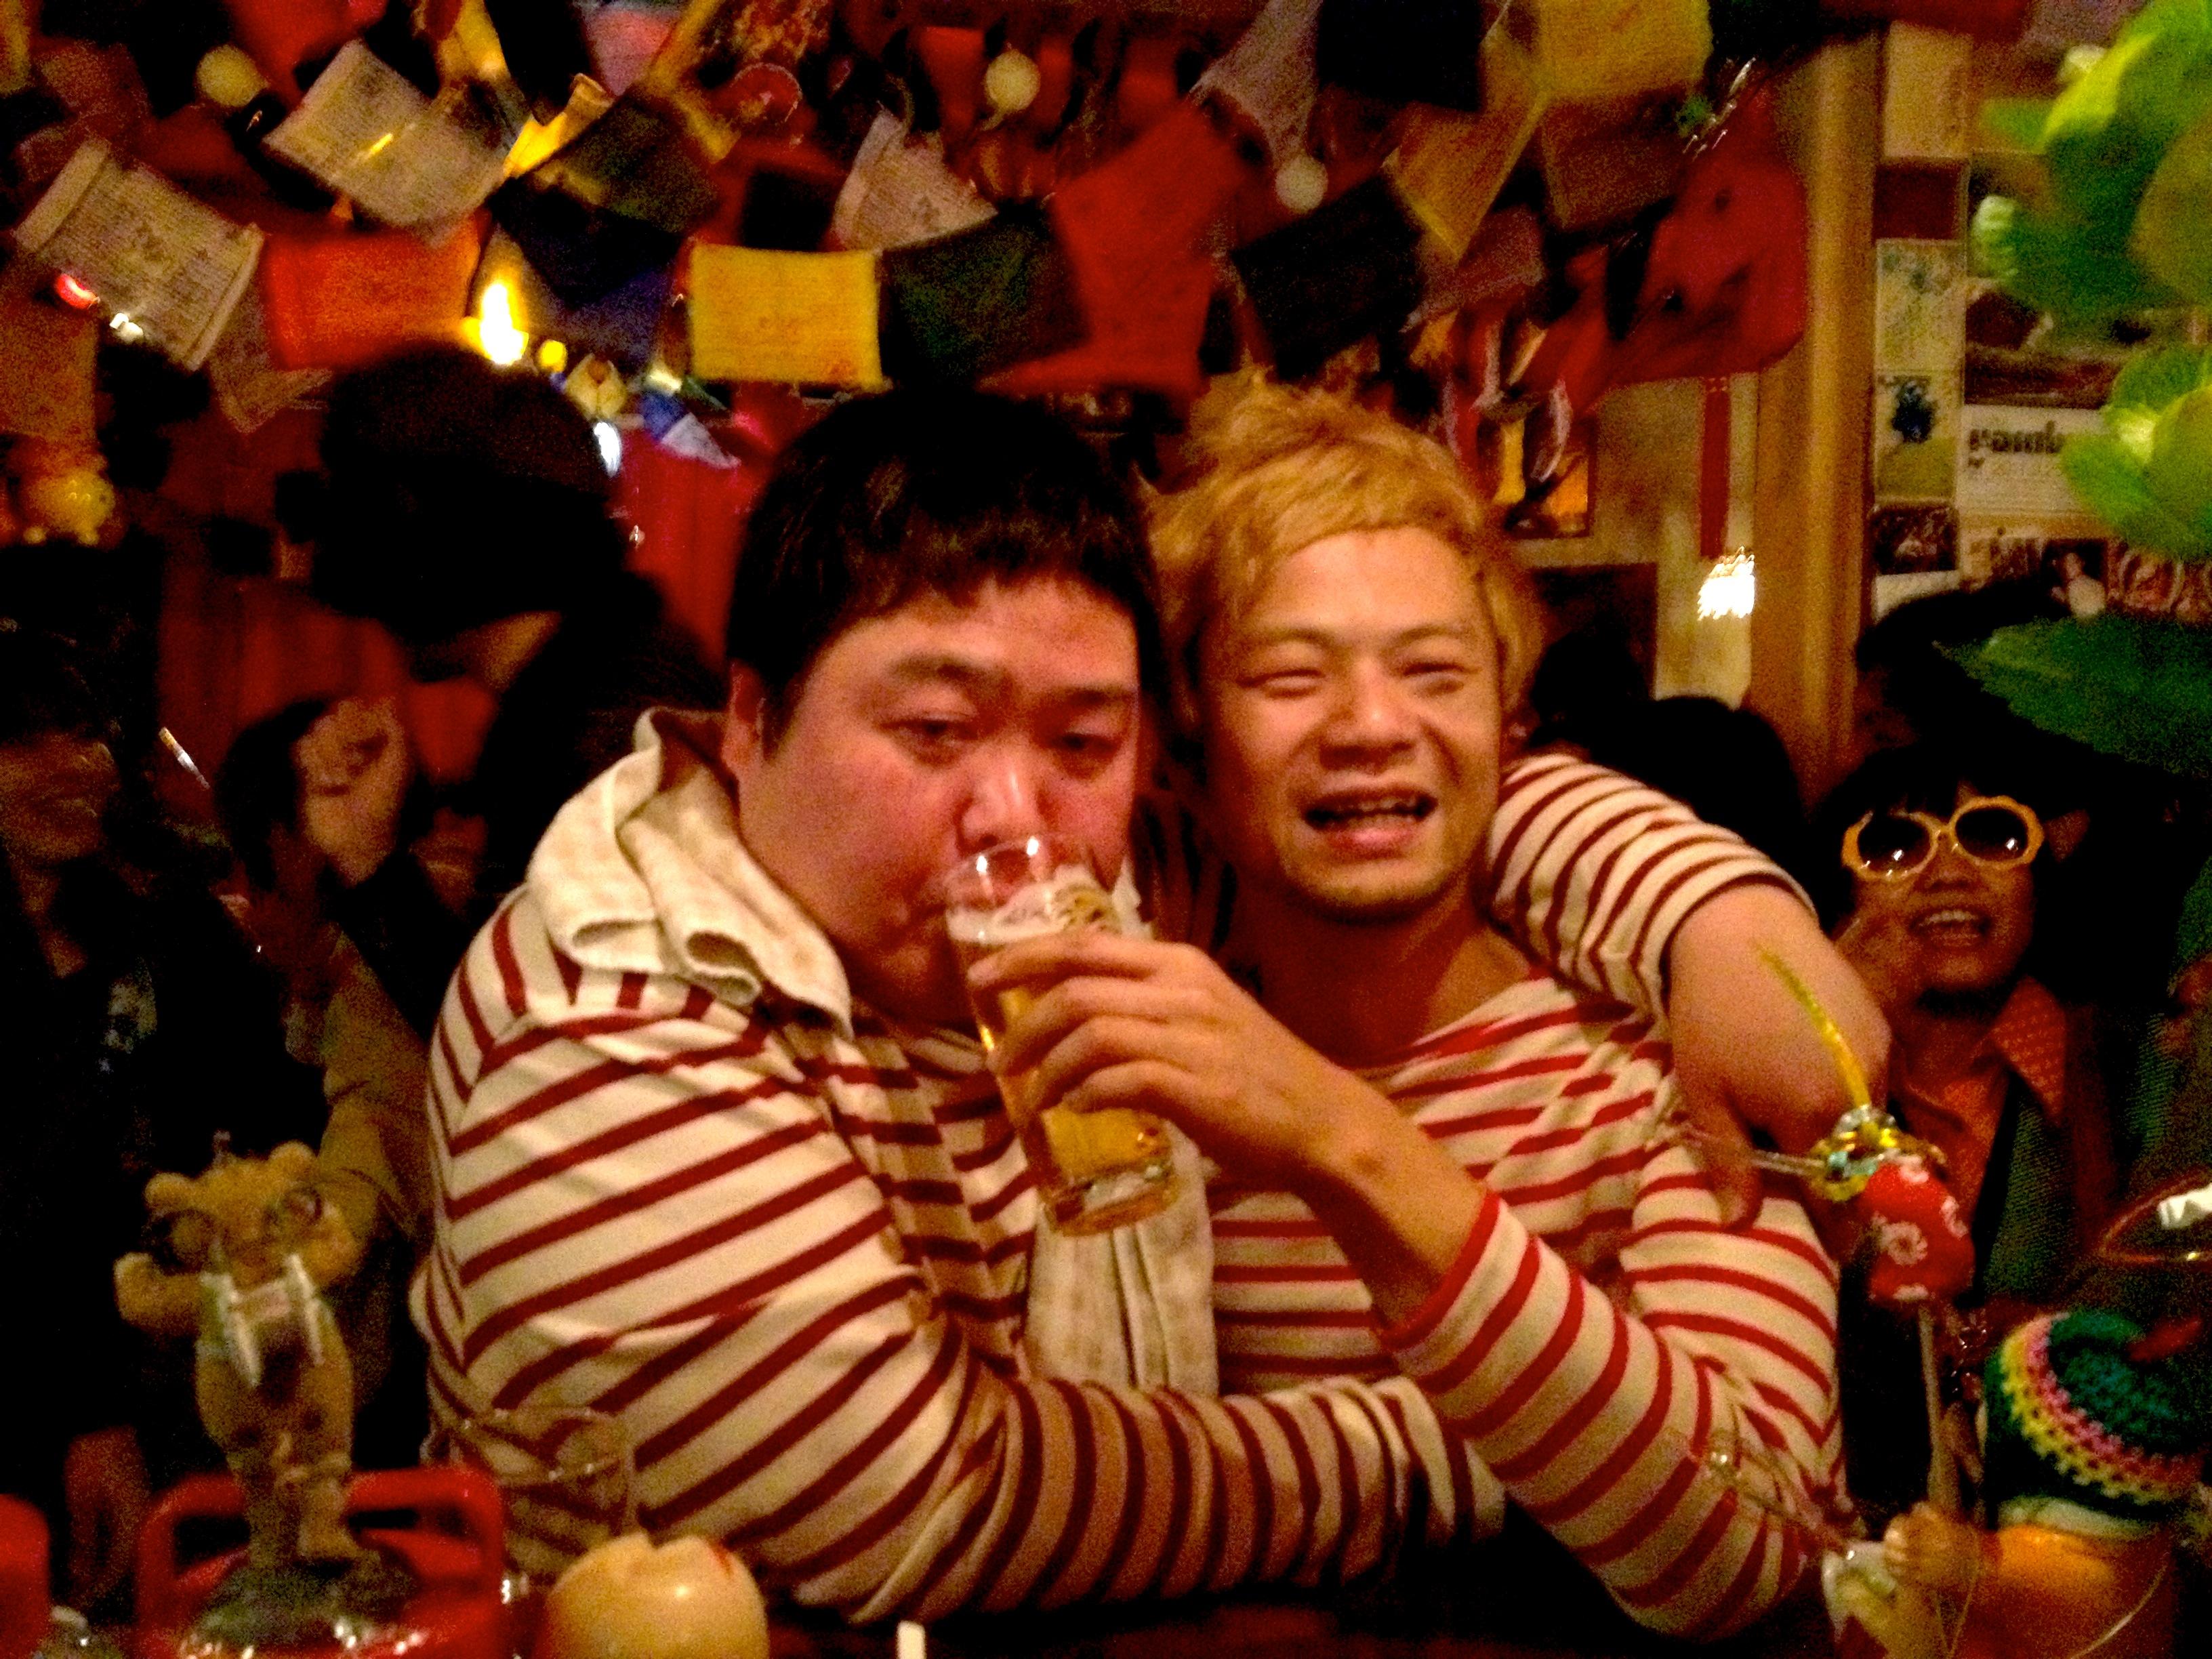 ムジカジャポニカ8周年激スペシャル月間 『スター奇妙礼太郎、唄う』<font color=